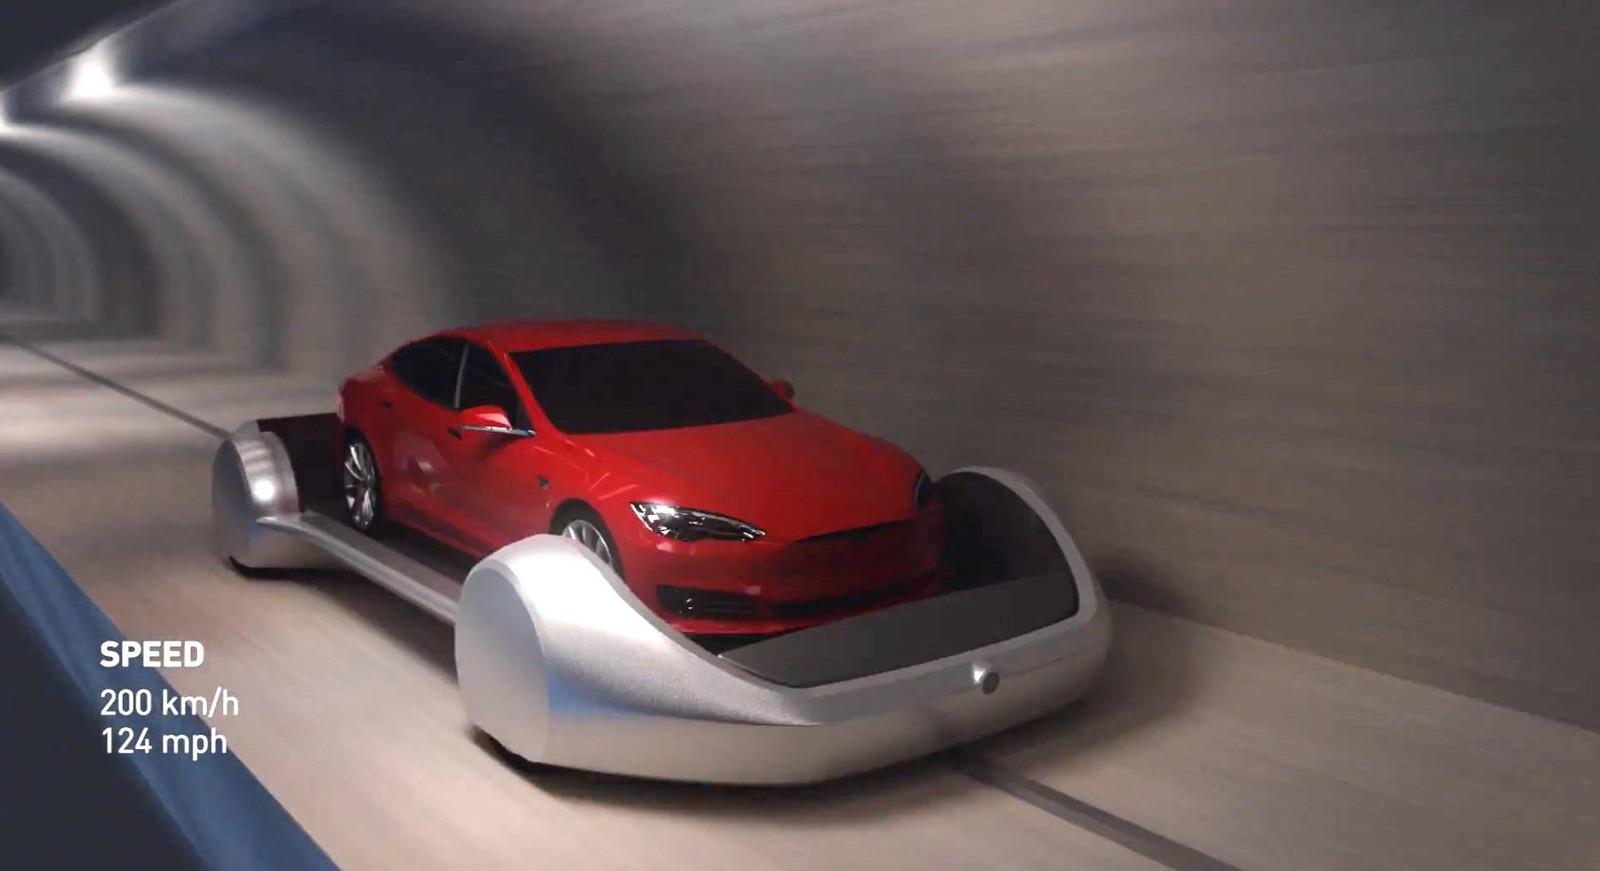 Zo moet het verkeersprobleem in LA worden opgelost, met een netwerk van kleine tunnels en auto's op elektrisch aangedreven platformen